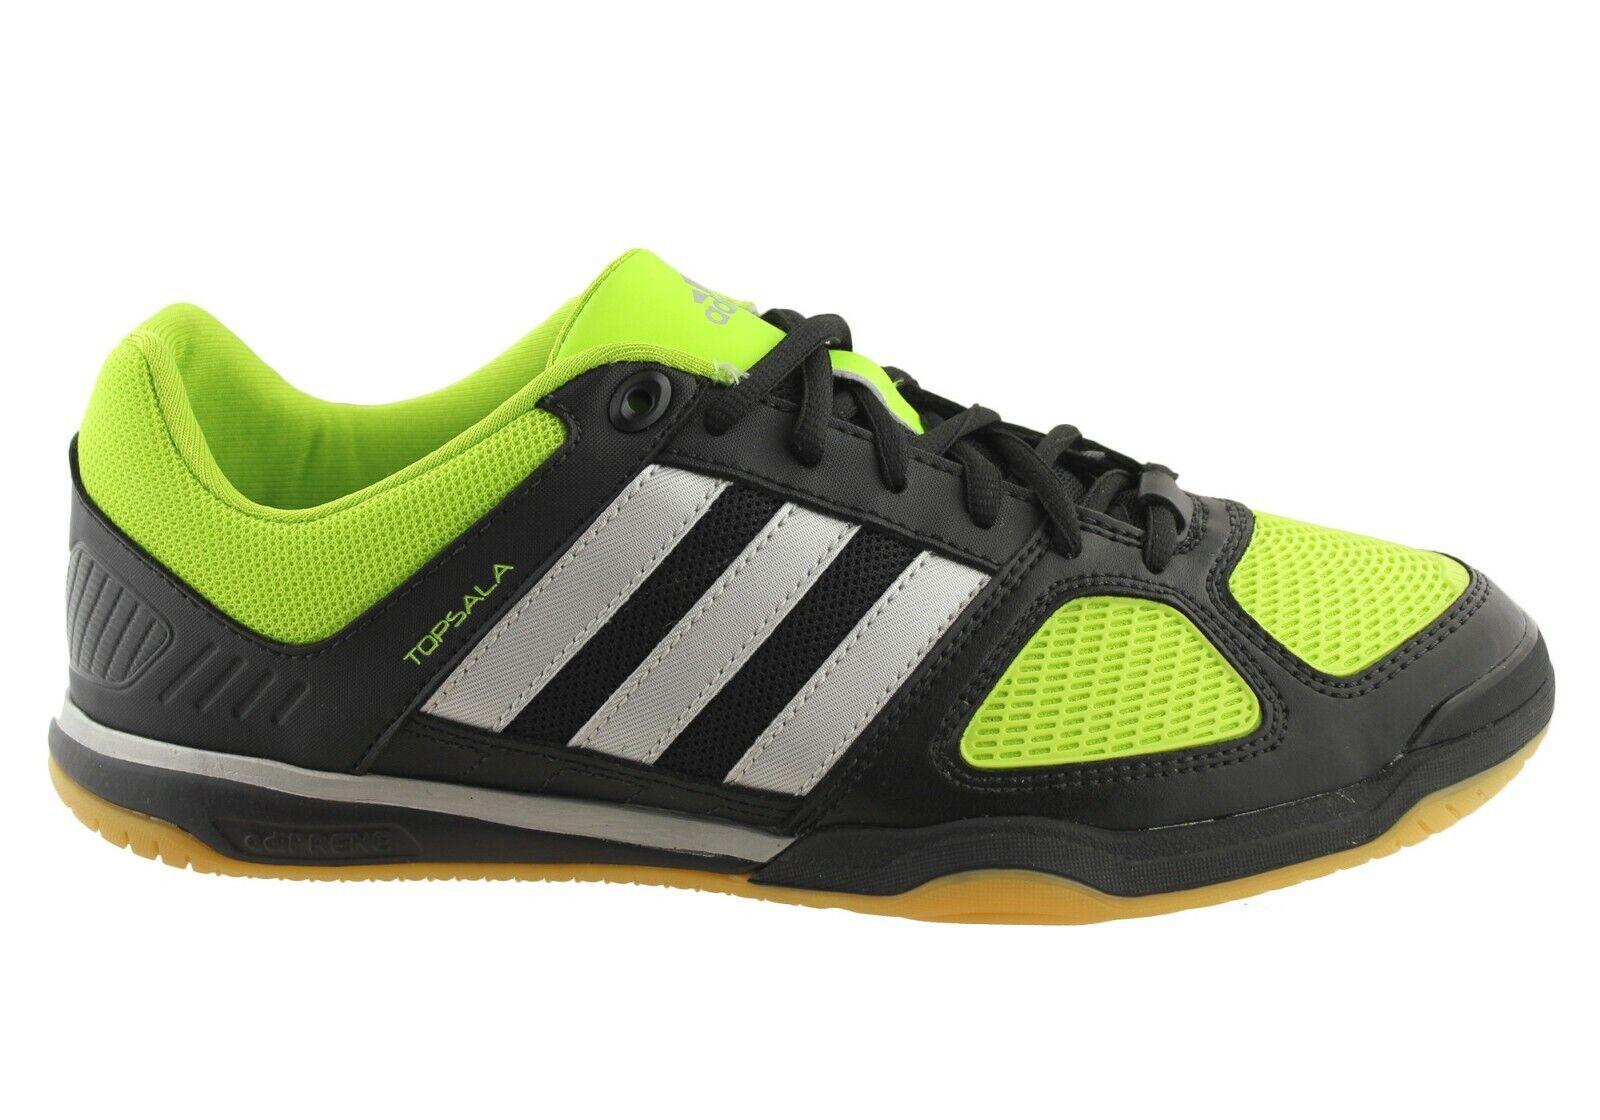 Raro Adidas top sala x Zapatos Botines de Fútbol Indoor para hombre 40 Topsala Futball